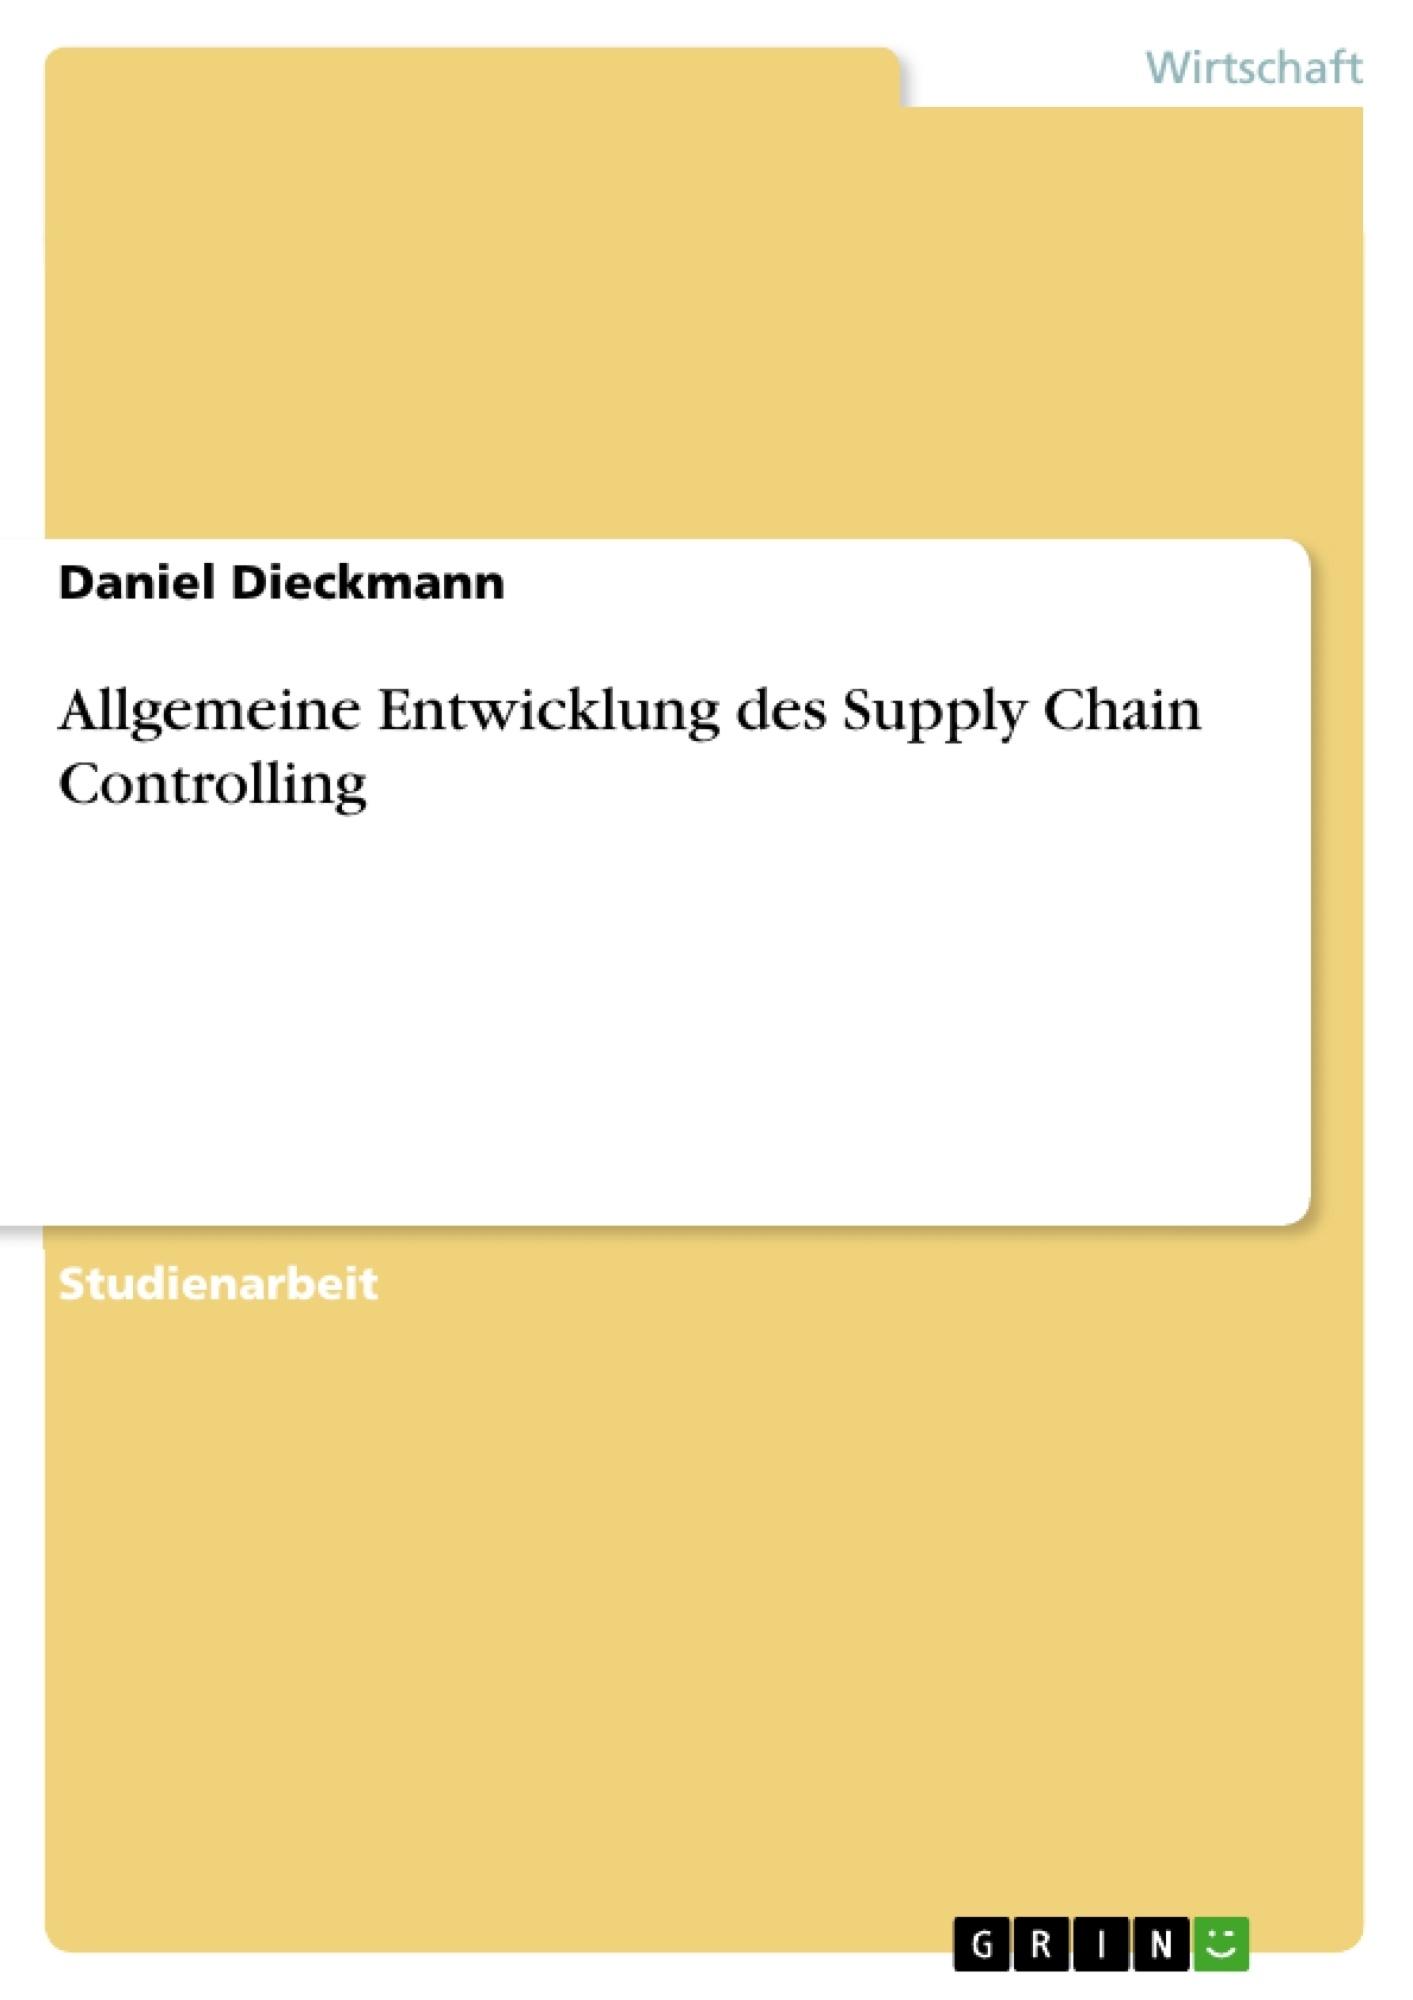 Titel: Allgemeine Entwicklung des Supply Chain Controlling